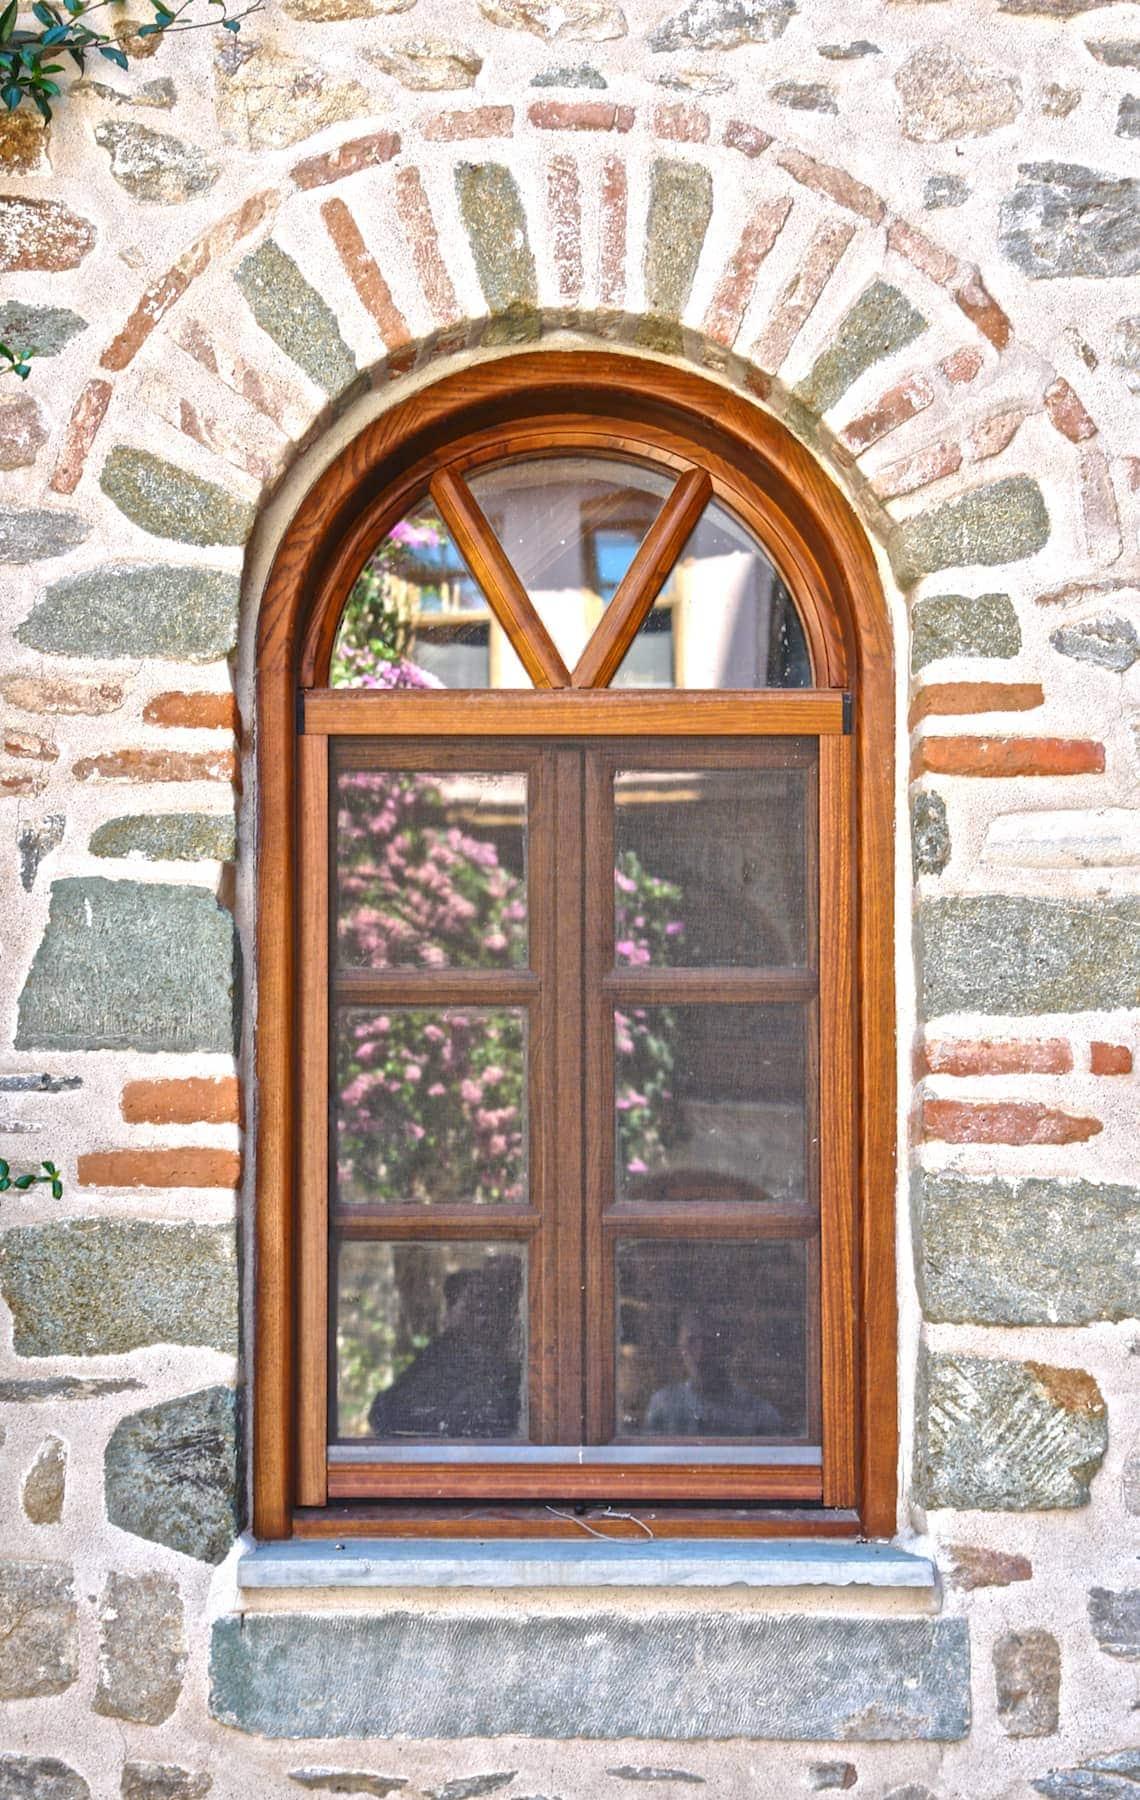 με καΐτια τοξωτό ξύλινο παράθυρο με φεγγίτη και ρολό σίτας